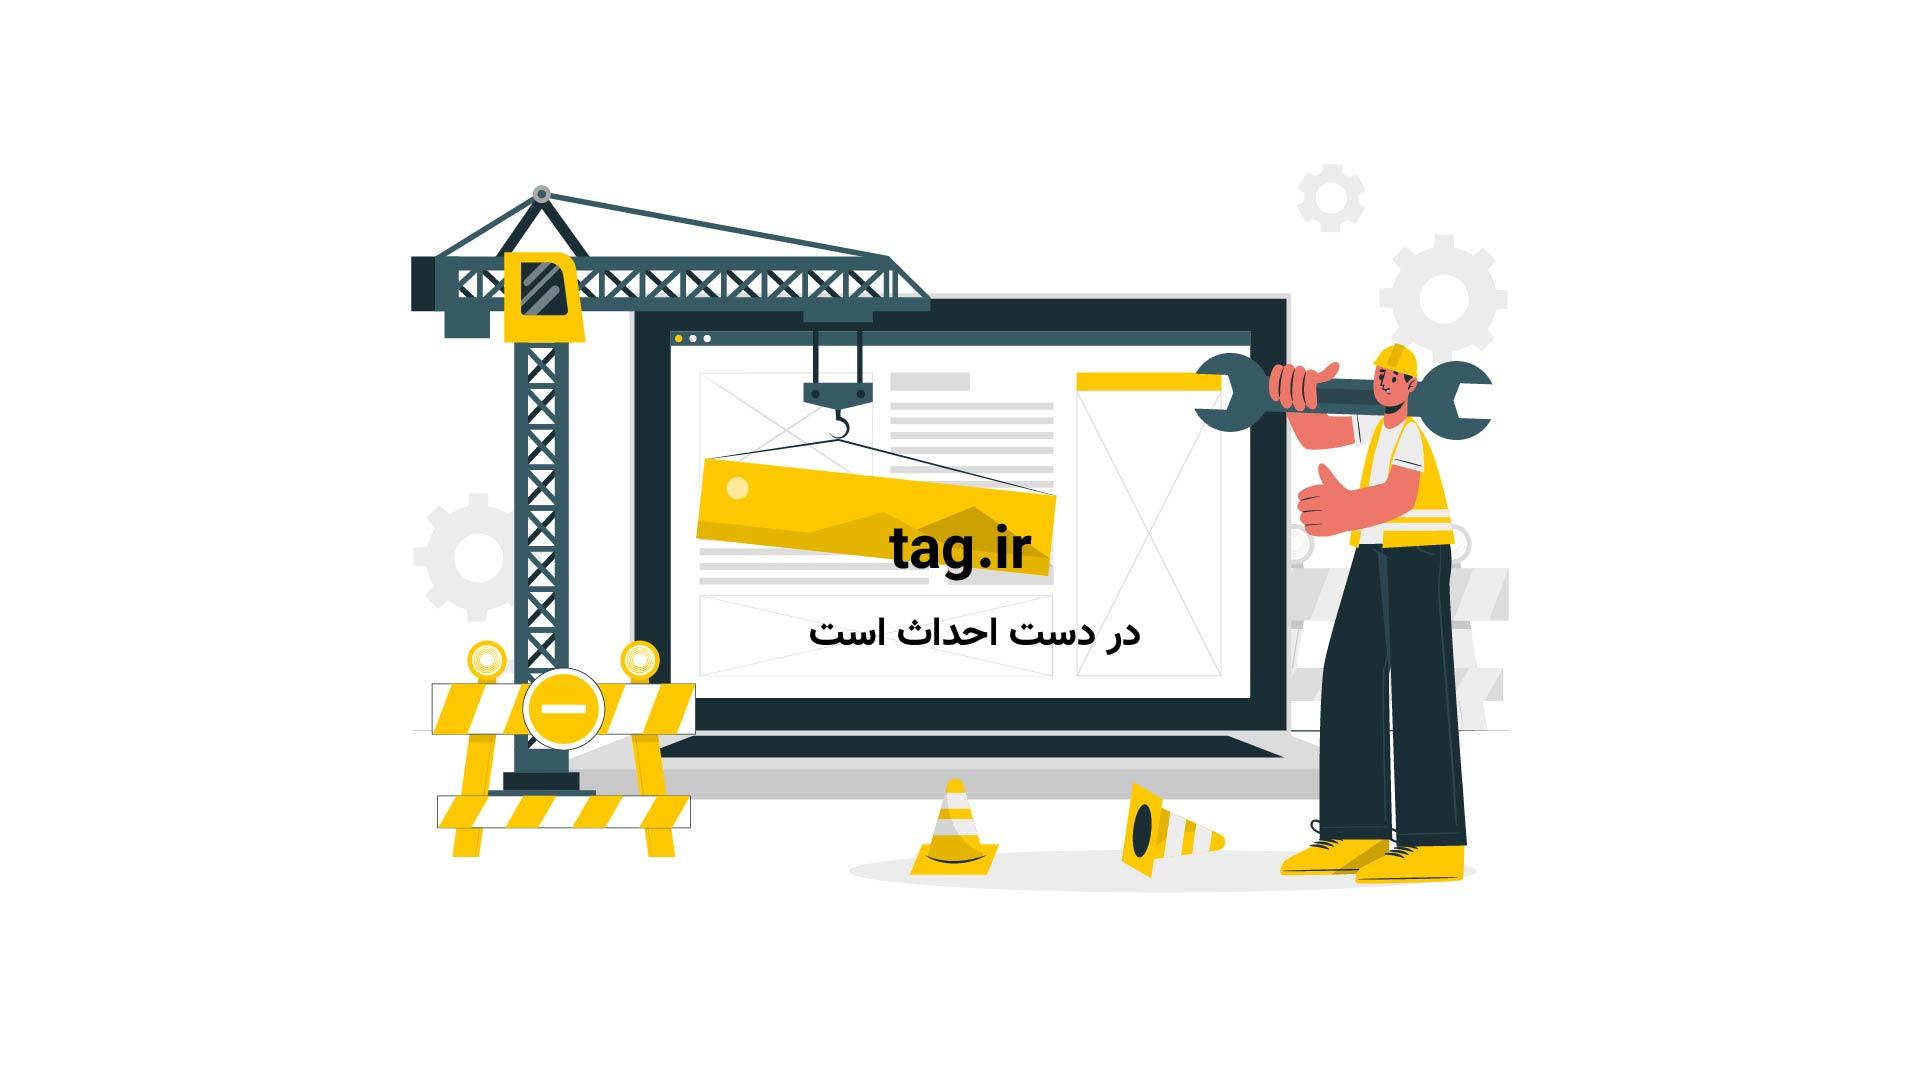 سخنرانی های تد؛ فناوری فراموش شدهی عصر فضایی |فیلم